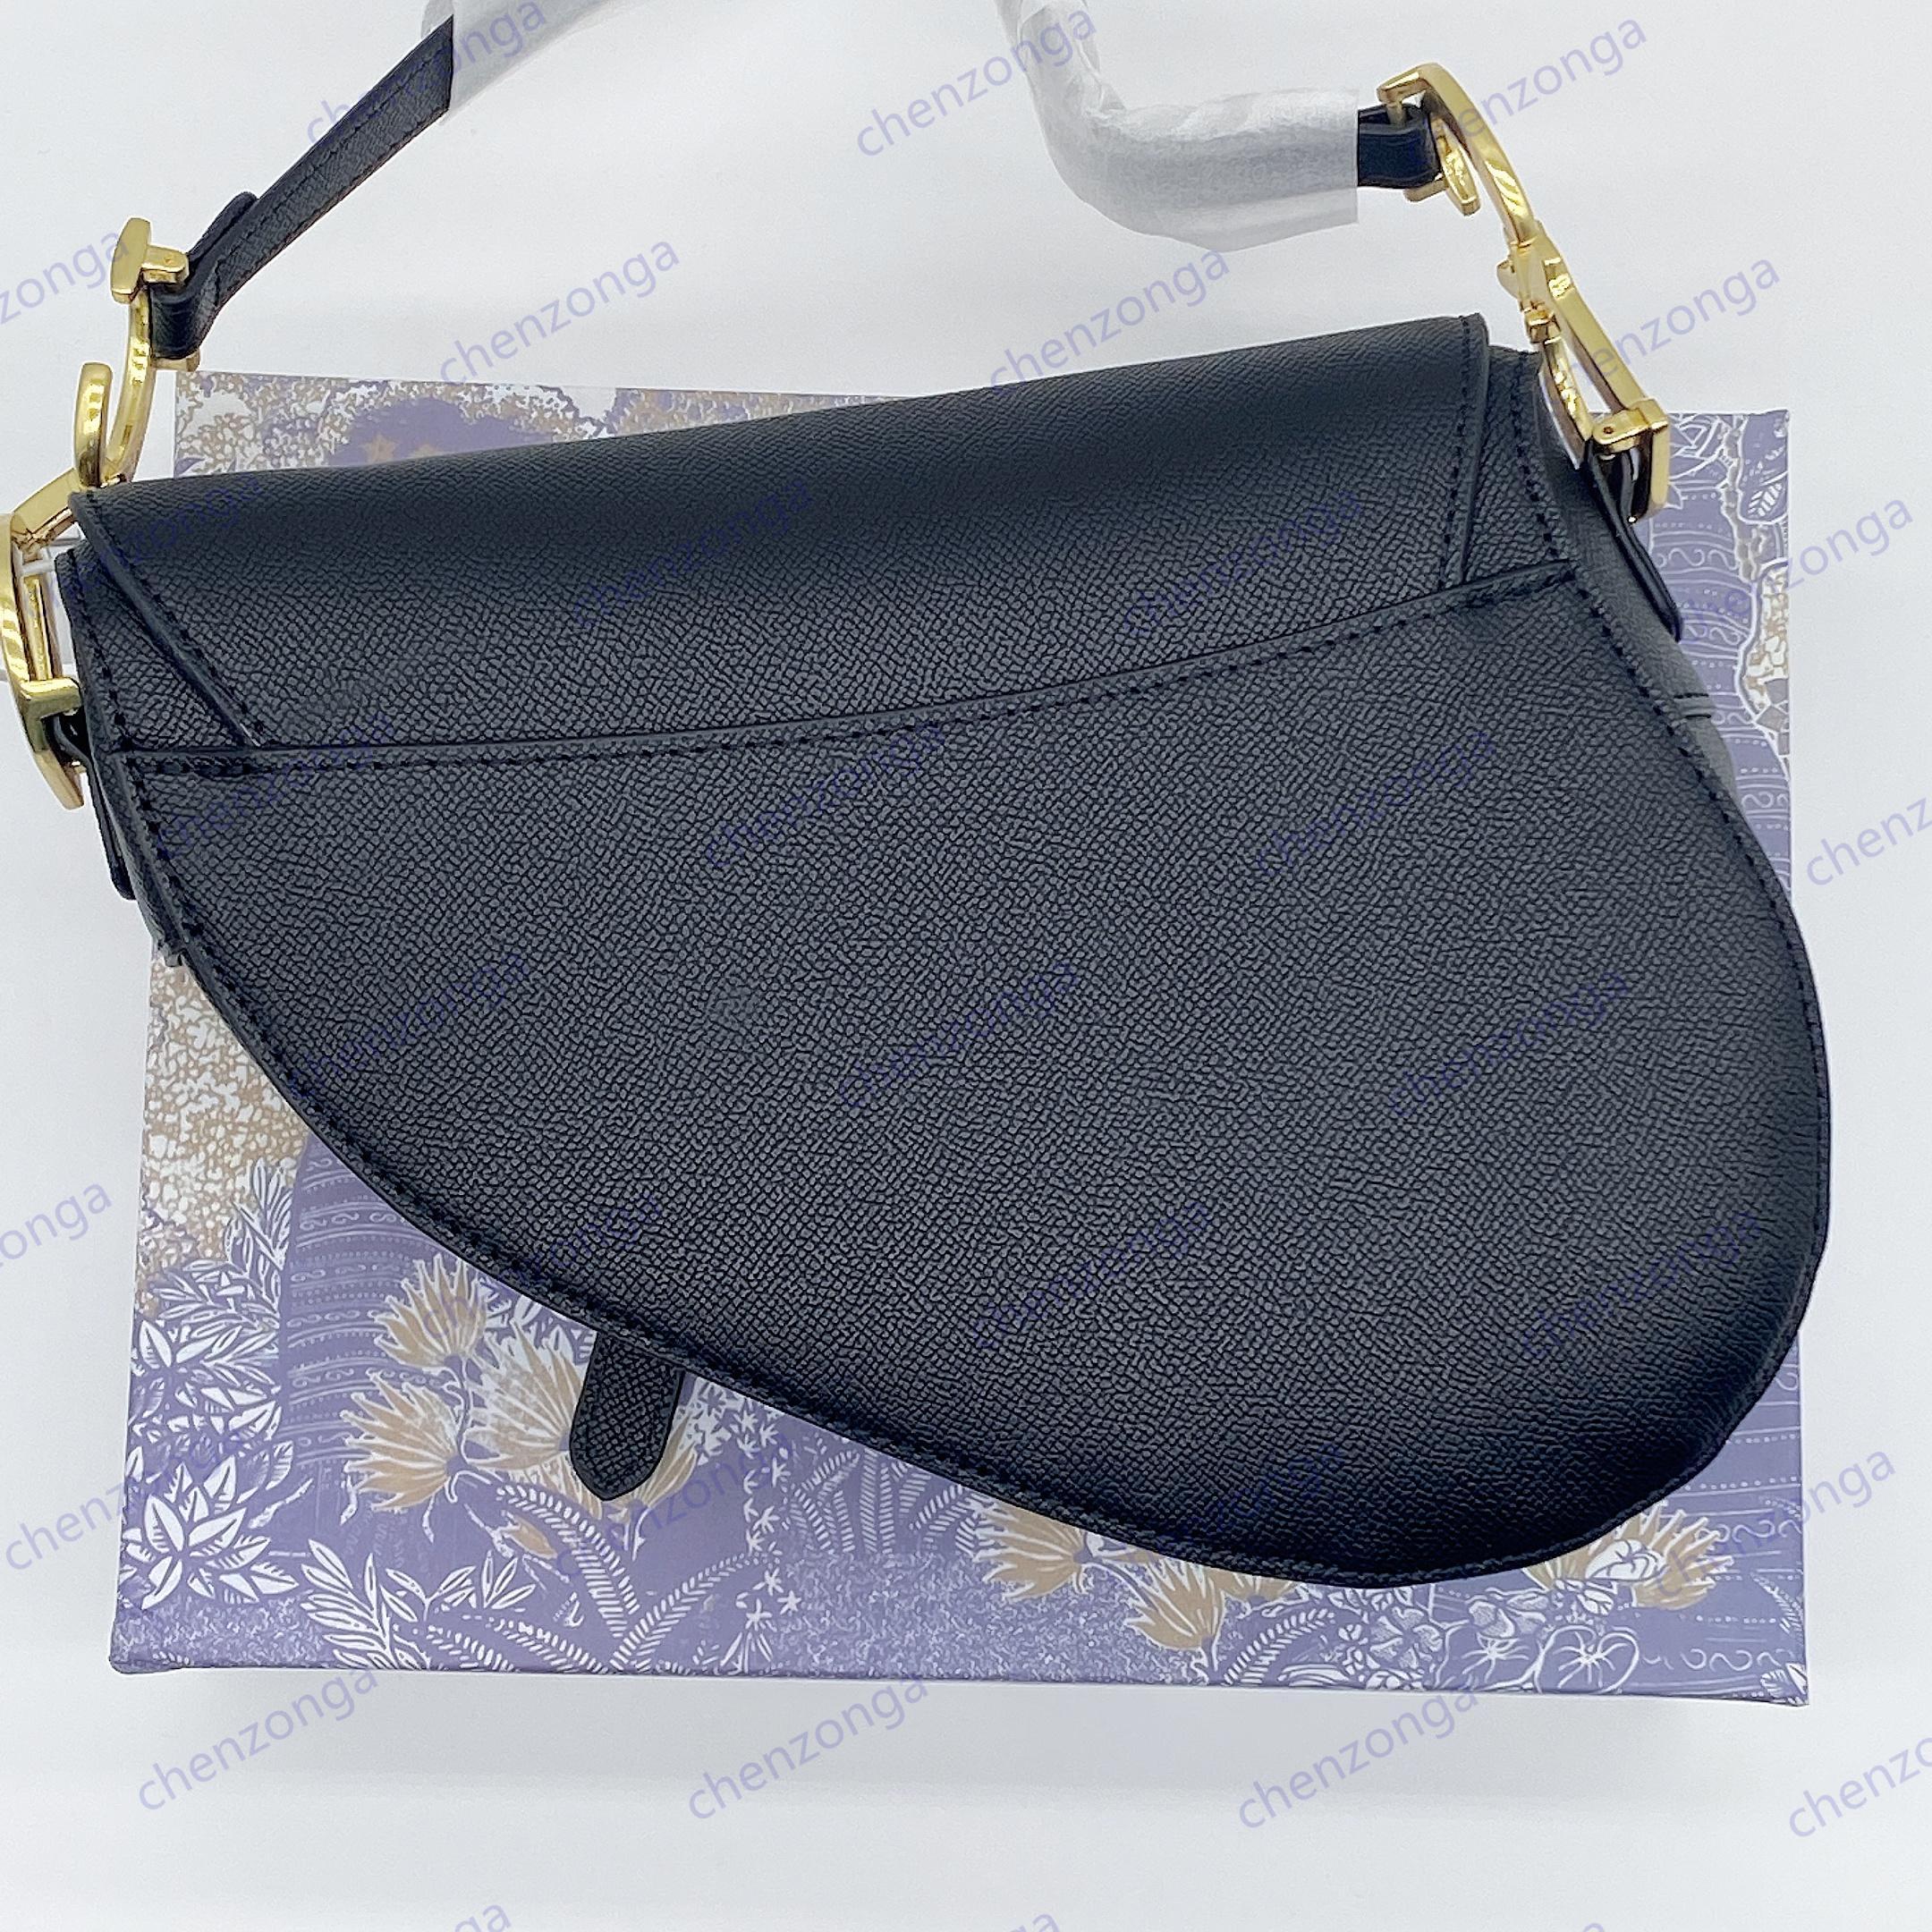 Ladies cowhide saddle bag vintage high quality crossbody handbag celebrity inspiration embroidered canvas shoulder bags D22